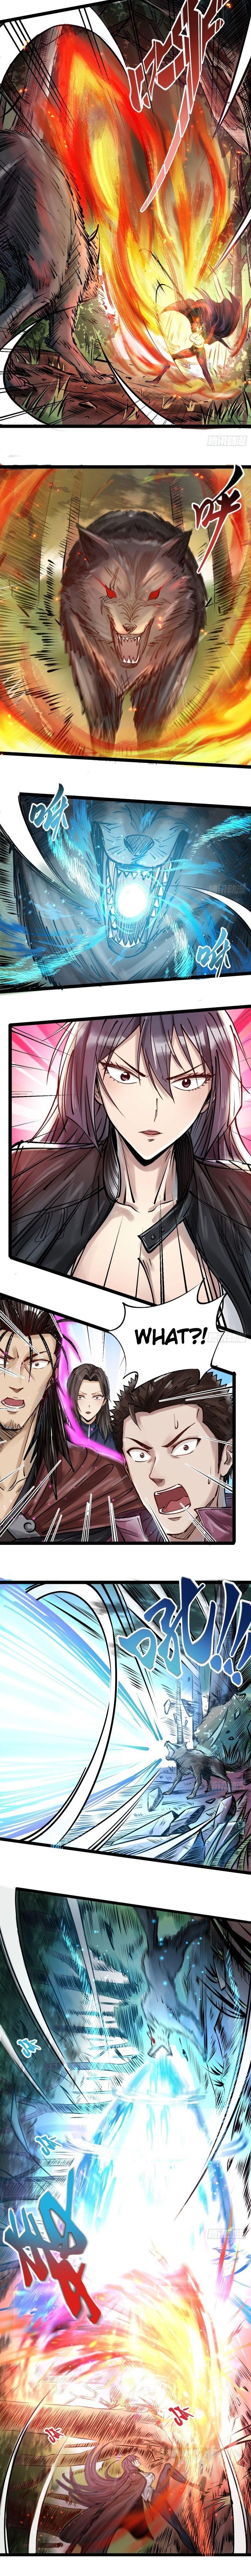 A Strange World Chapter 36 page 5 - Mangakakalots.com